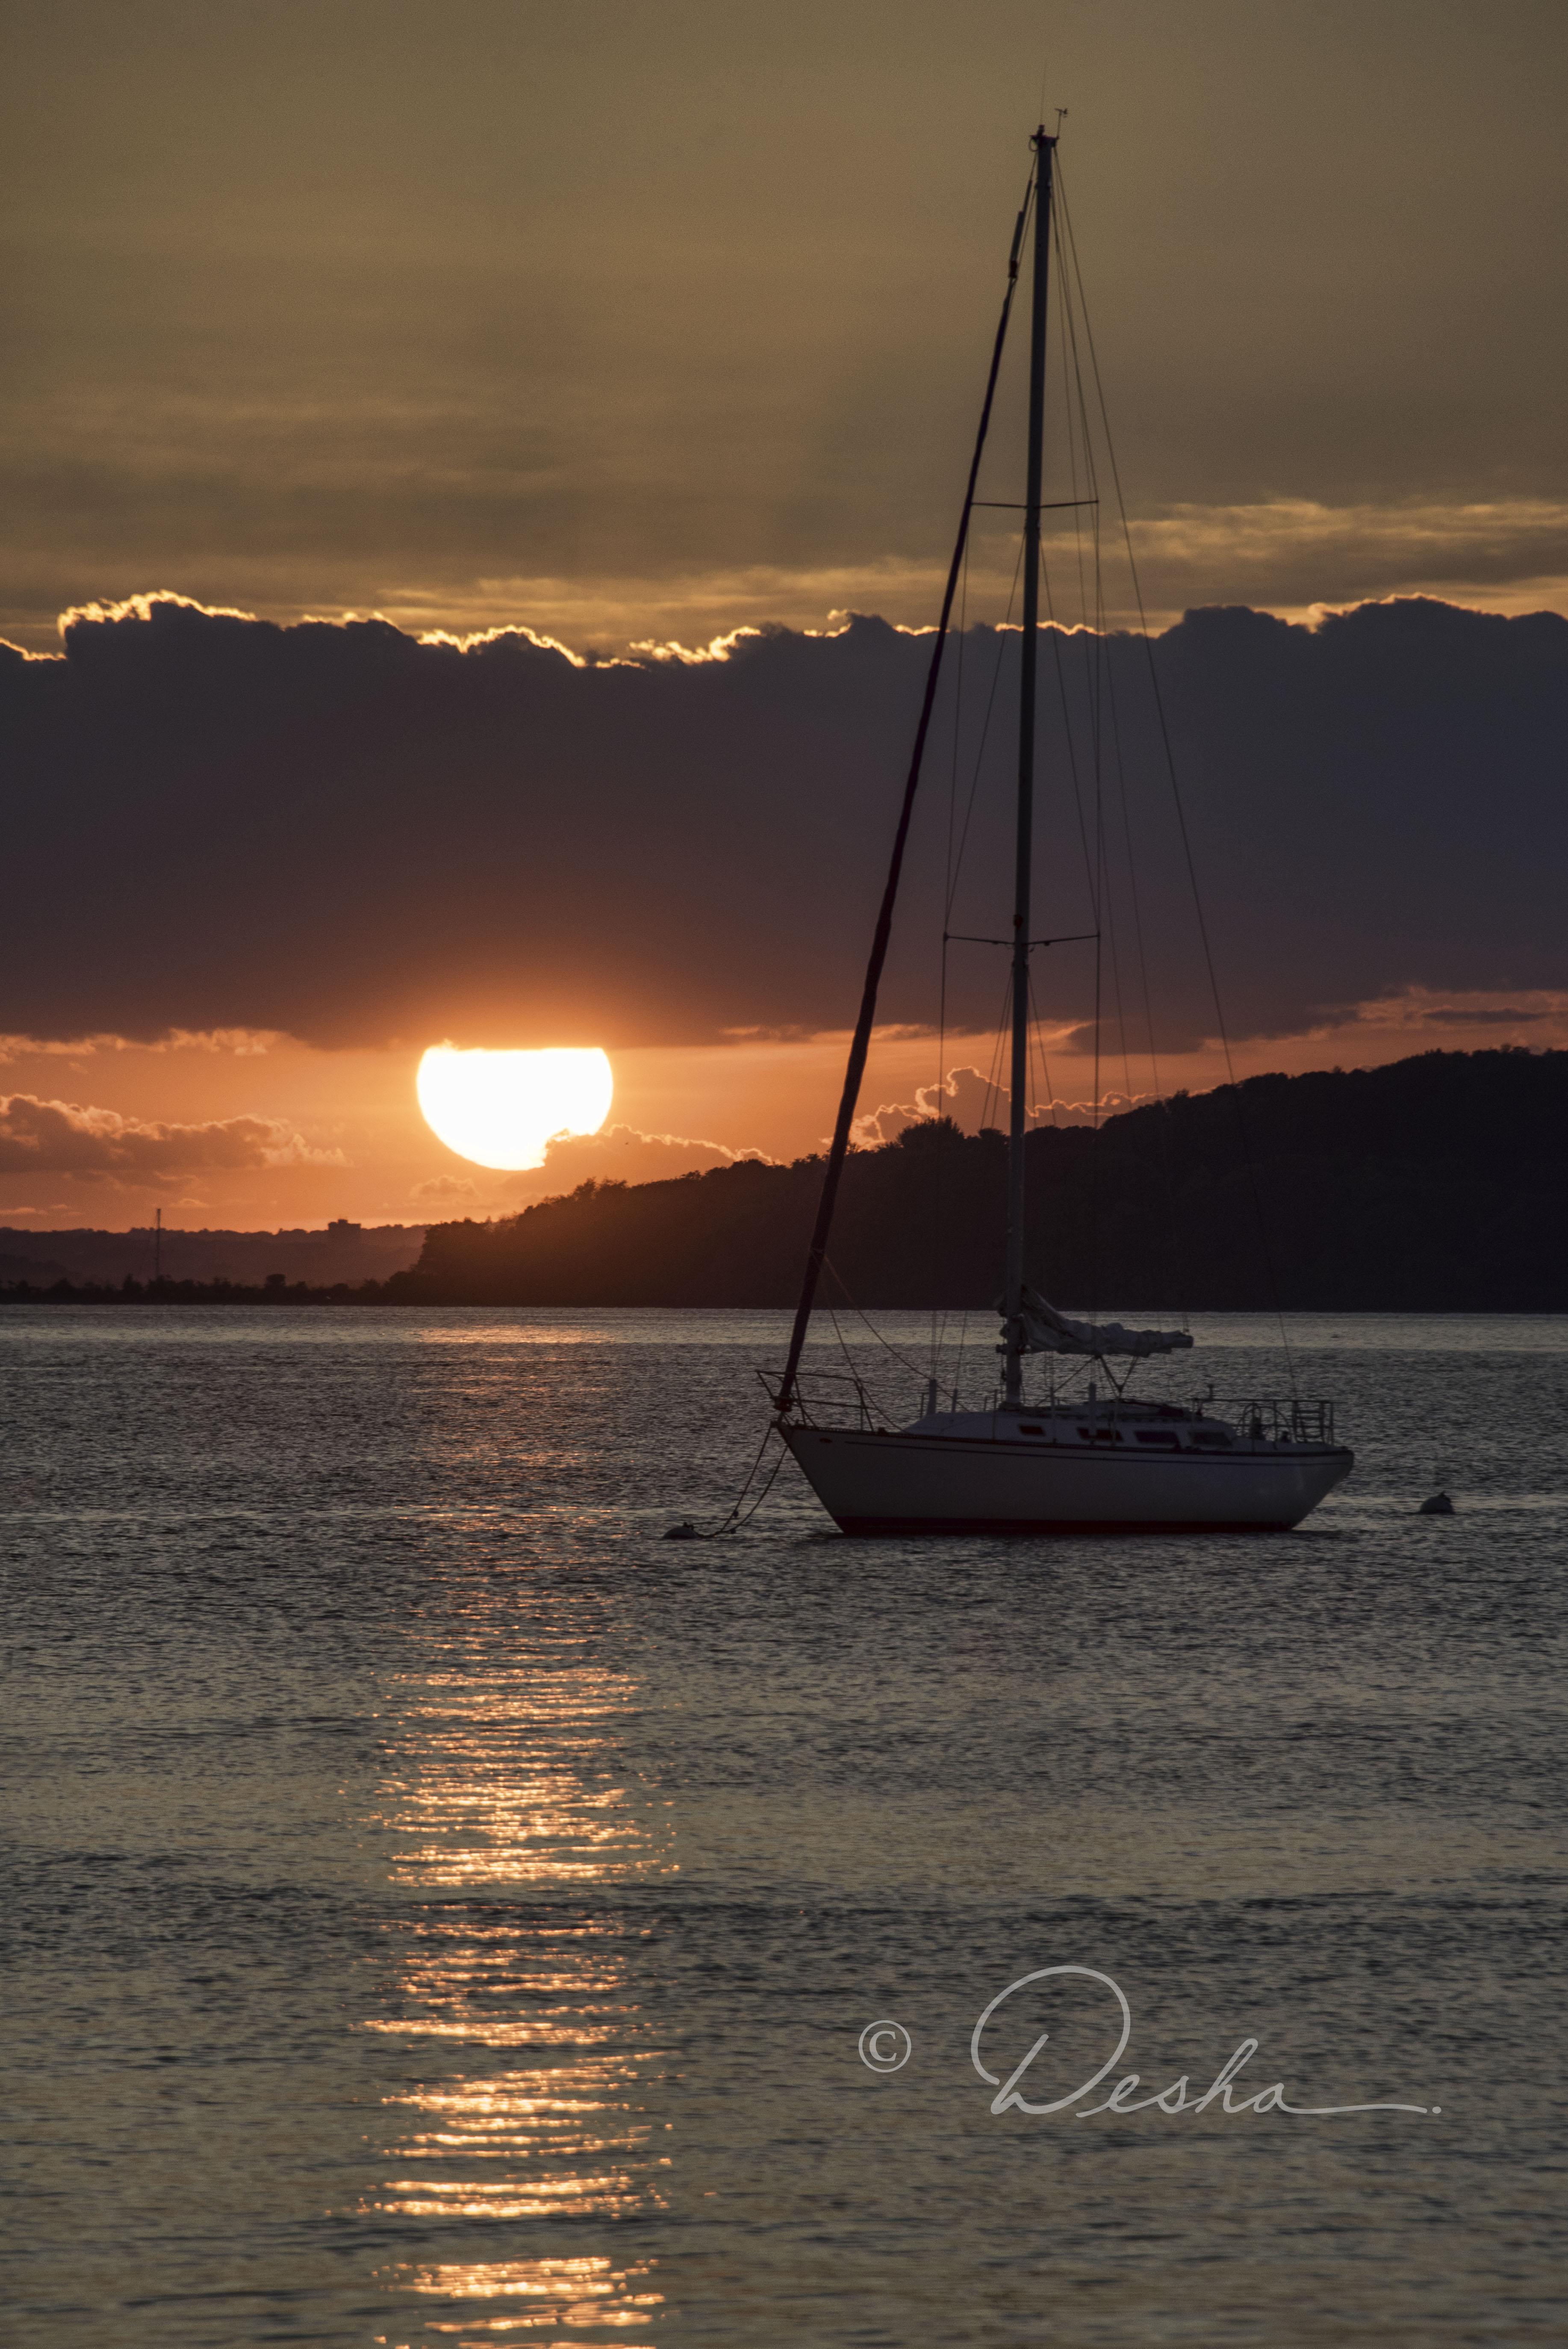 Sailboat & Sun in Hull